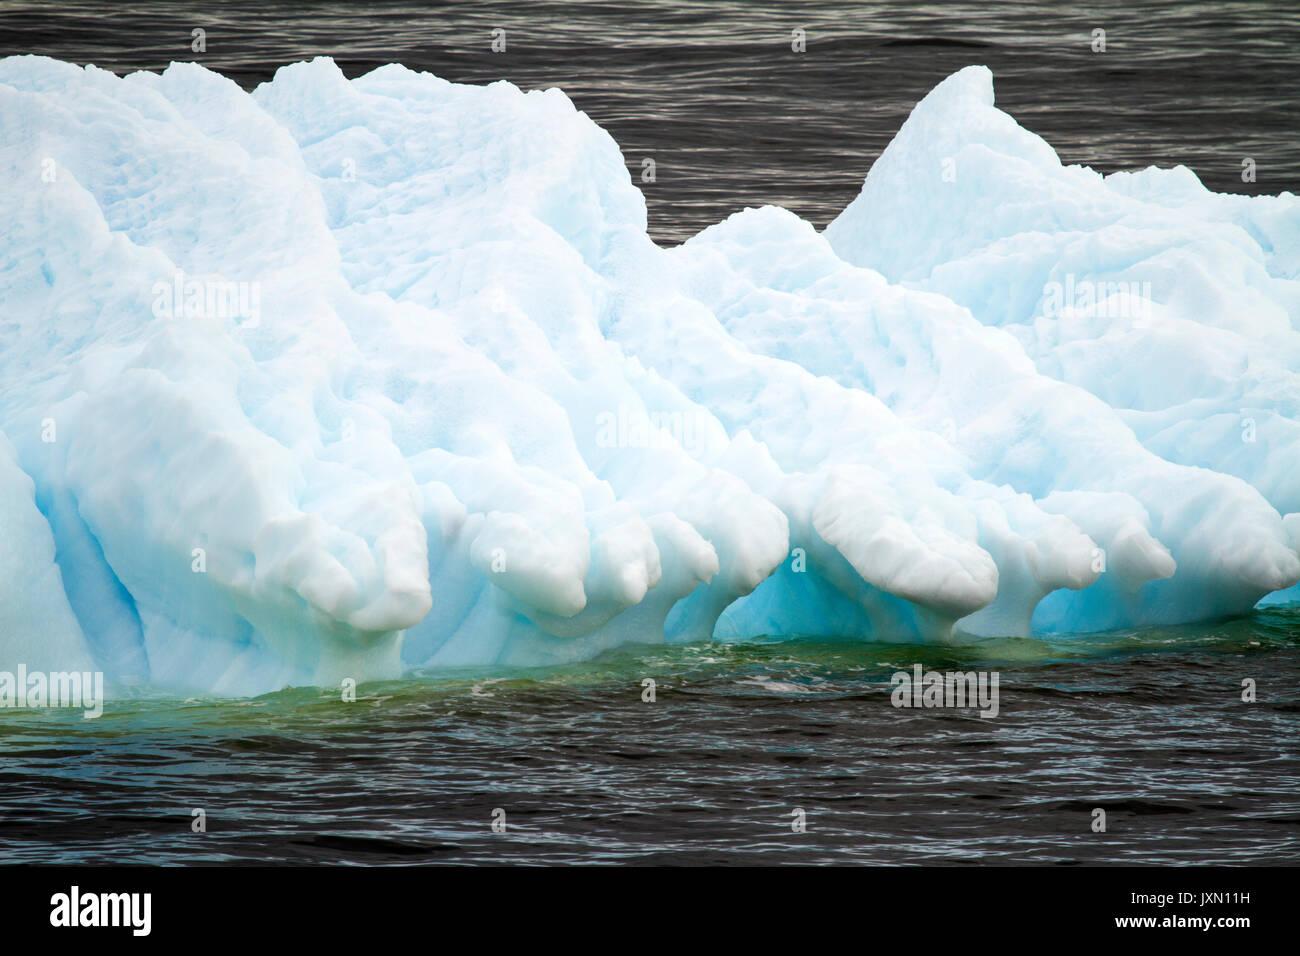 Antartide - Ghiaccio galleggiante - il riscaldamento globale Immagini Stock